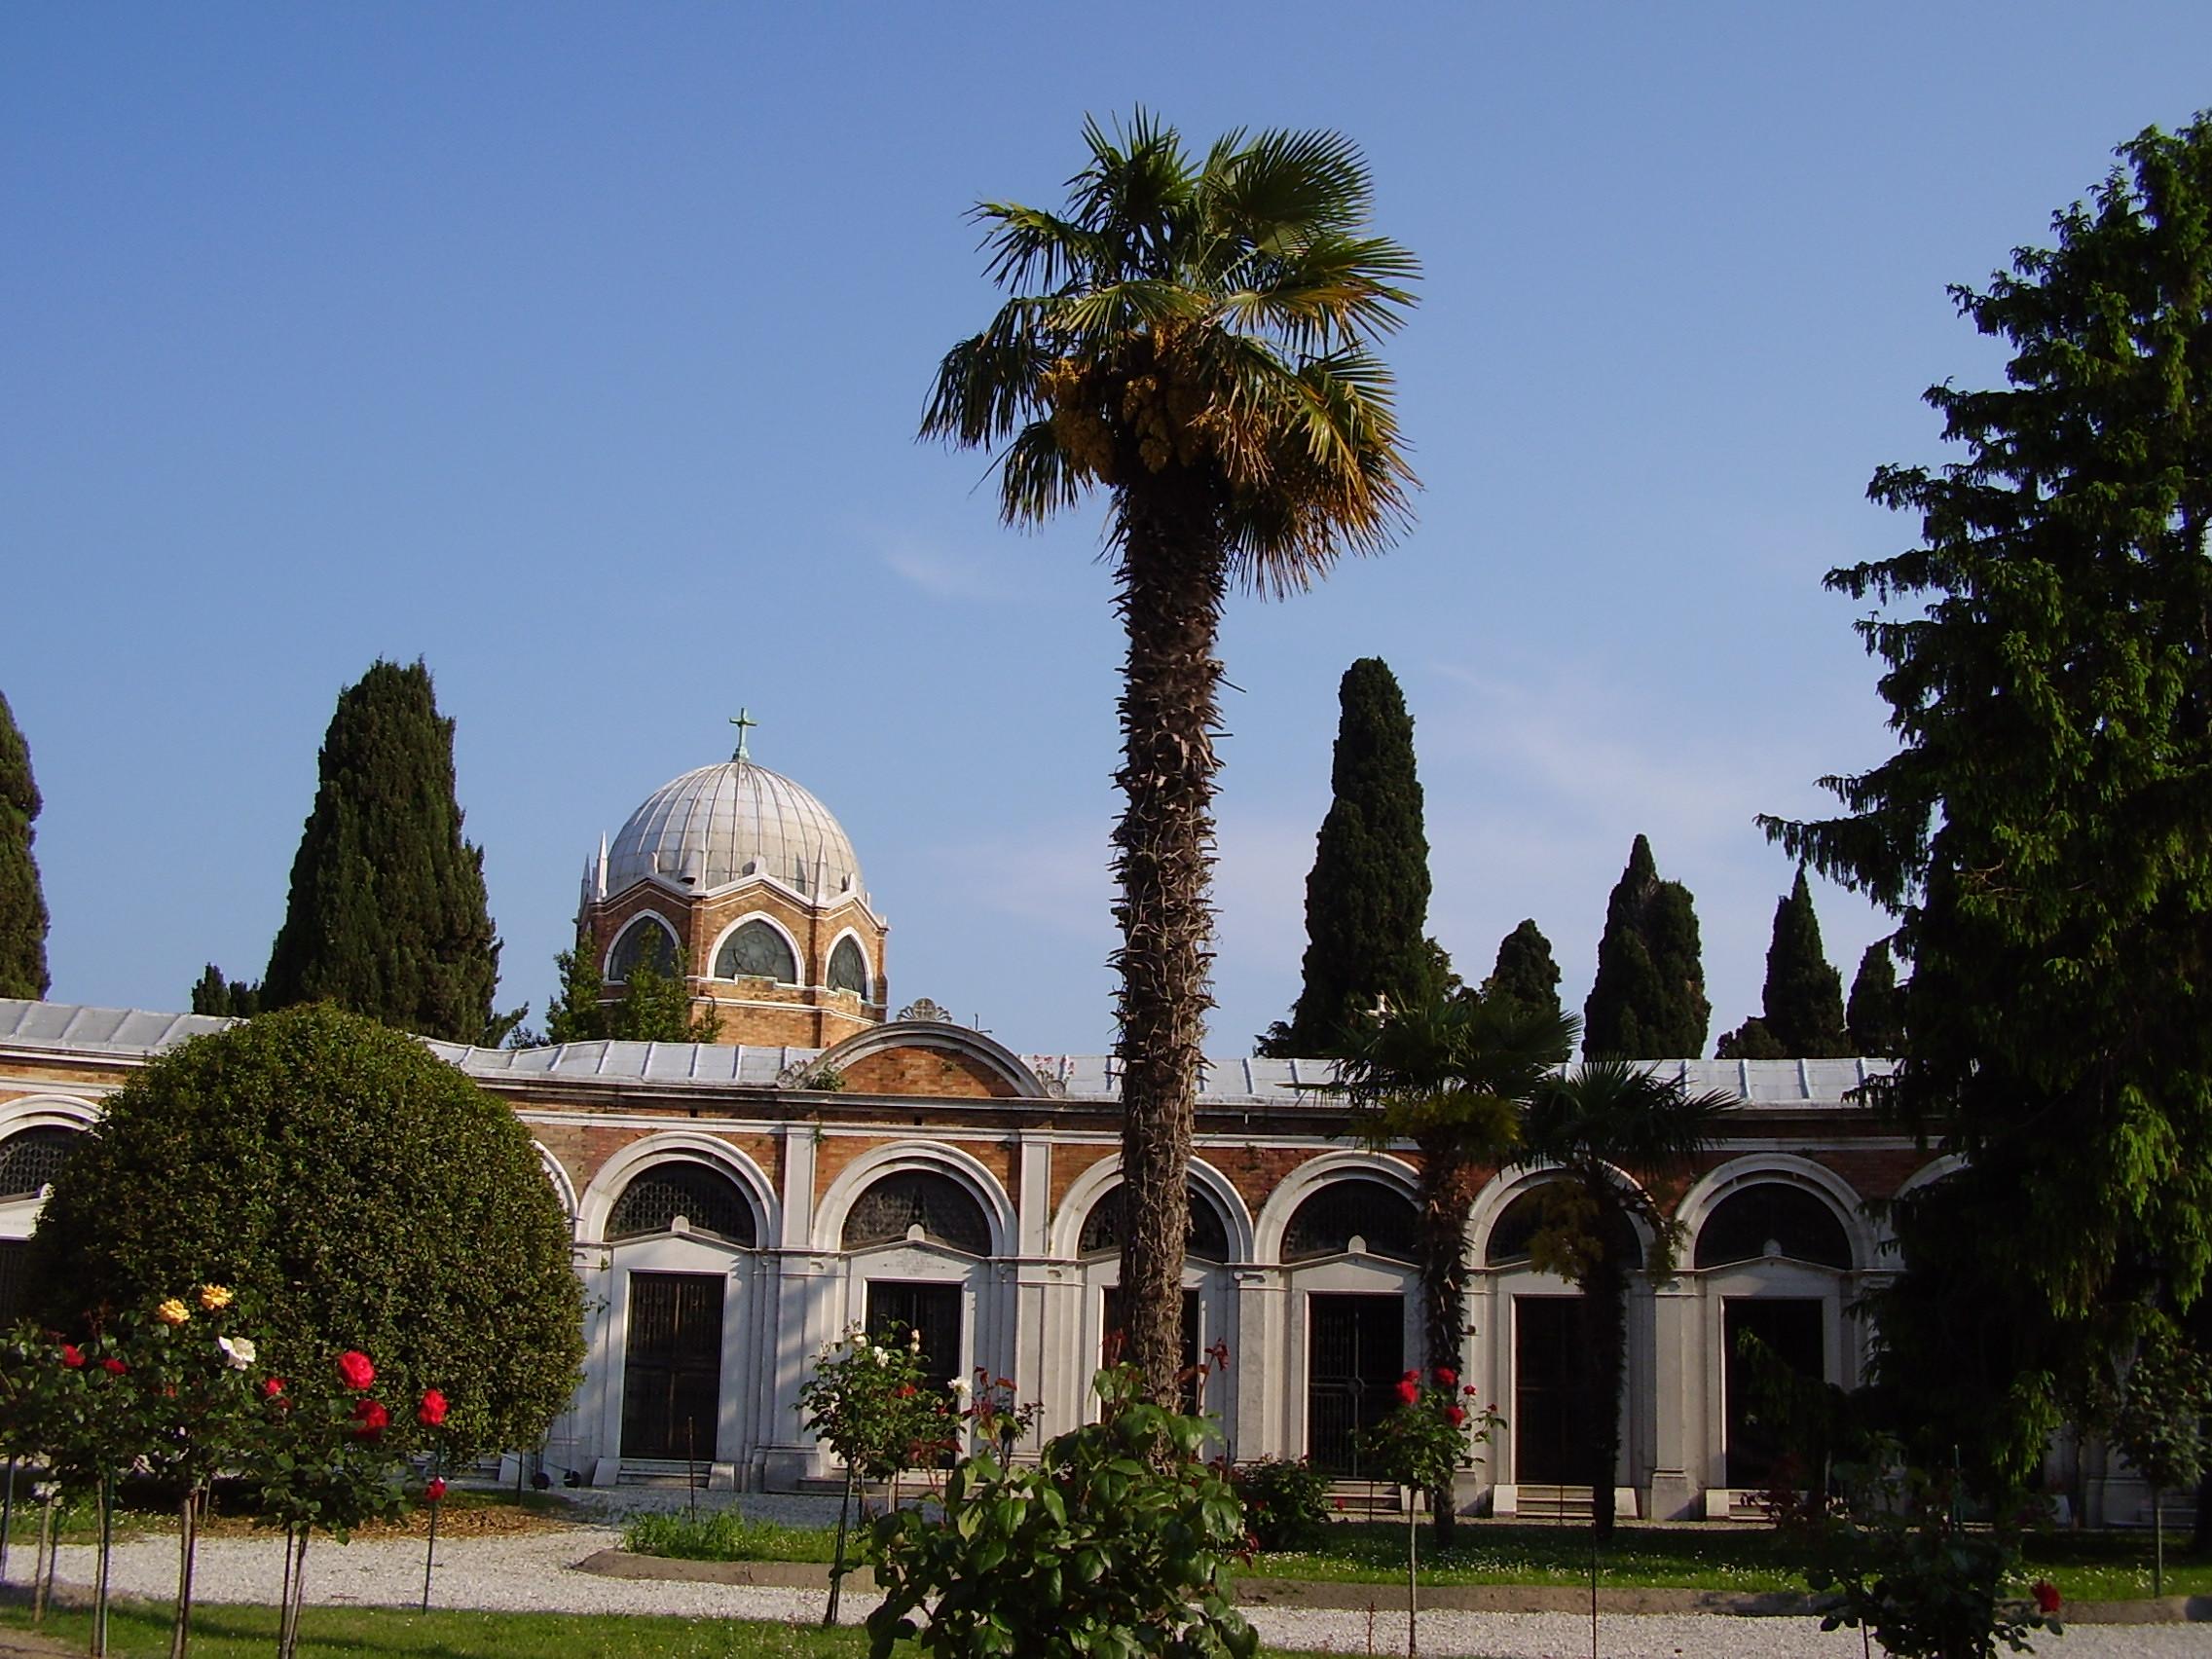 Cimetière monumental de Venise - Guide privé en Italie